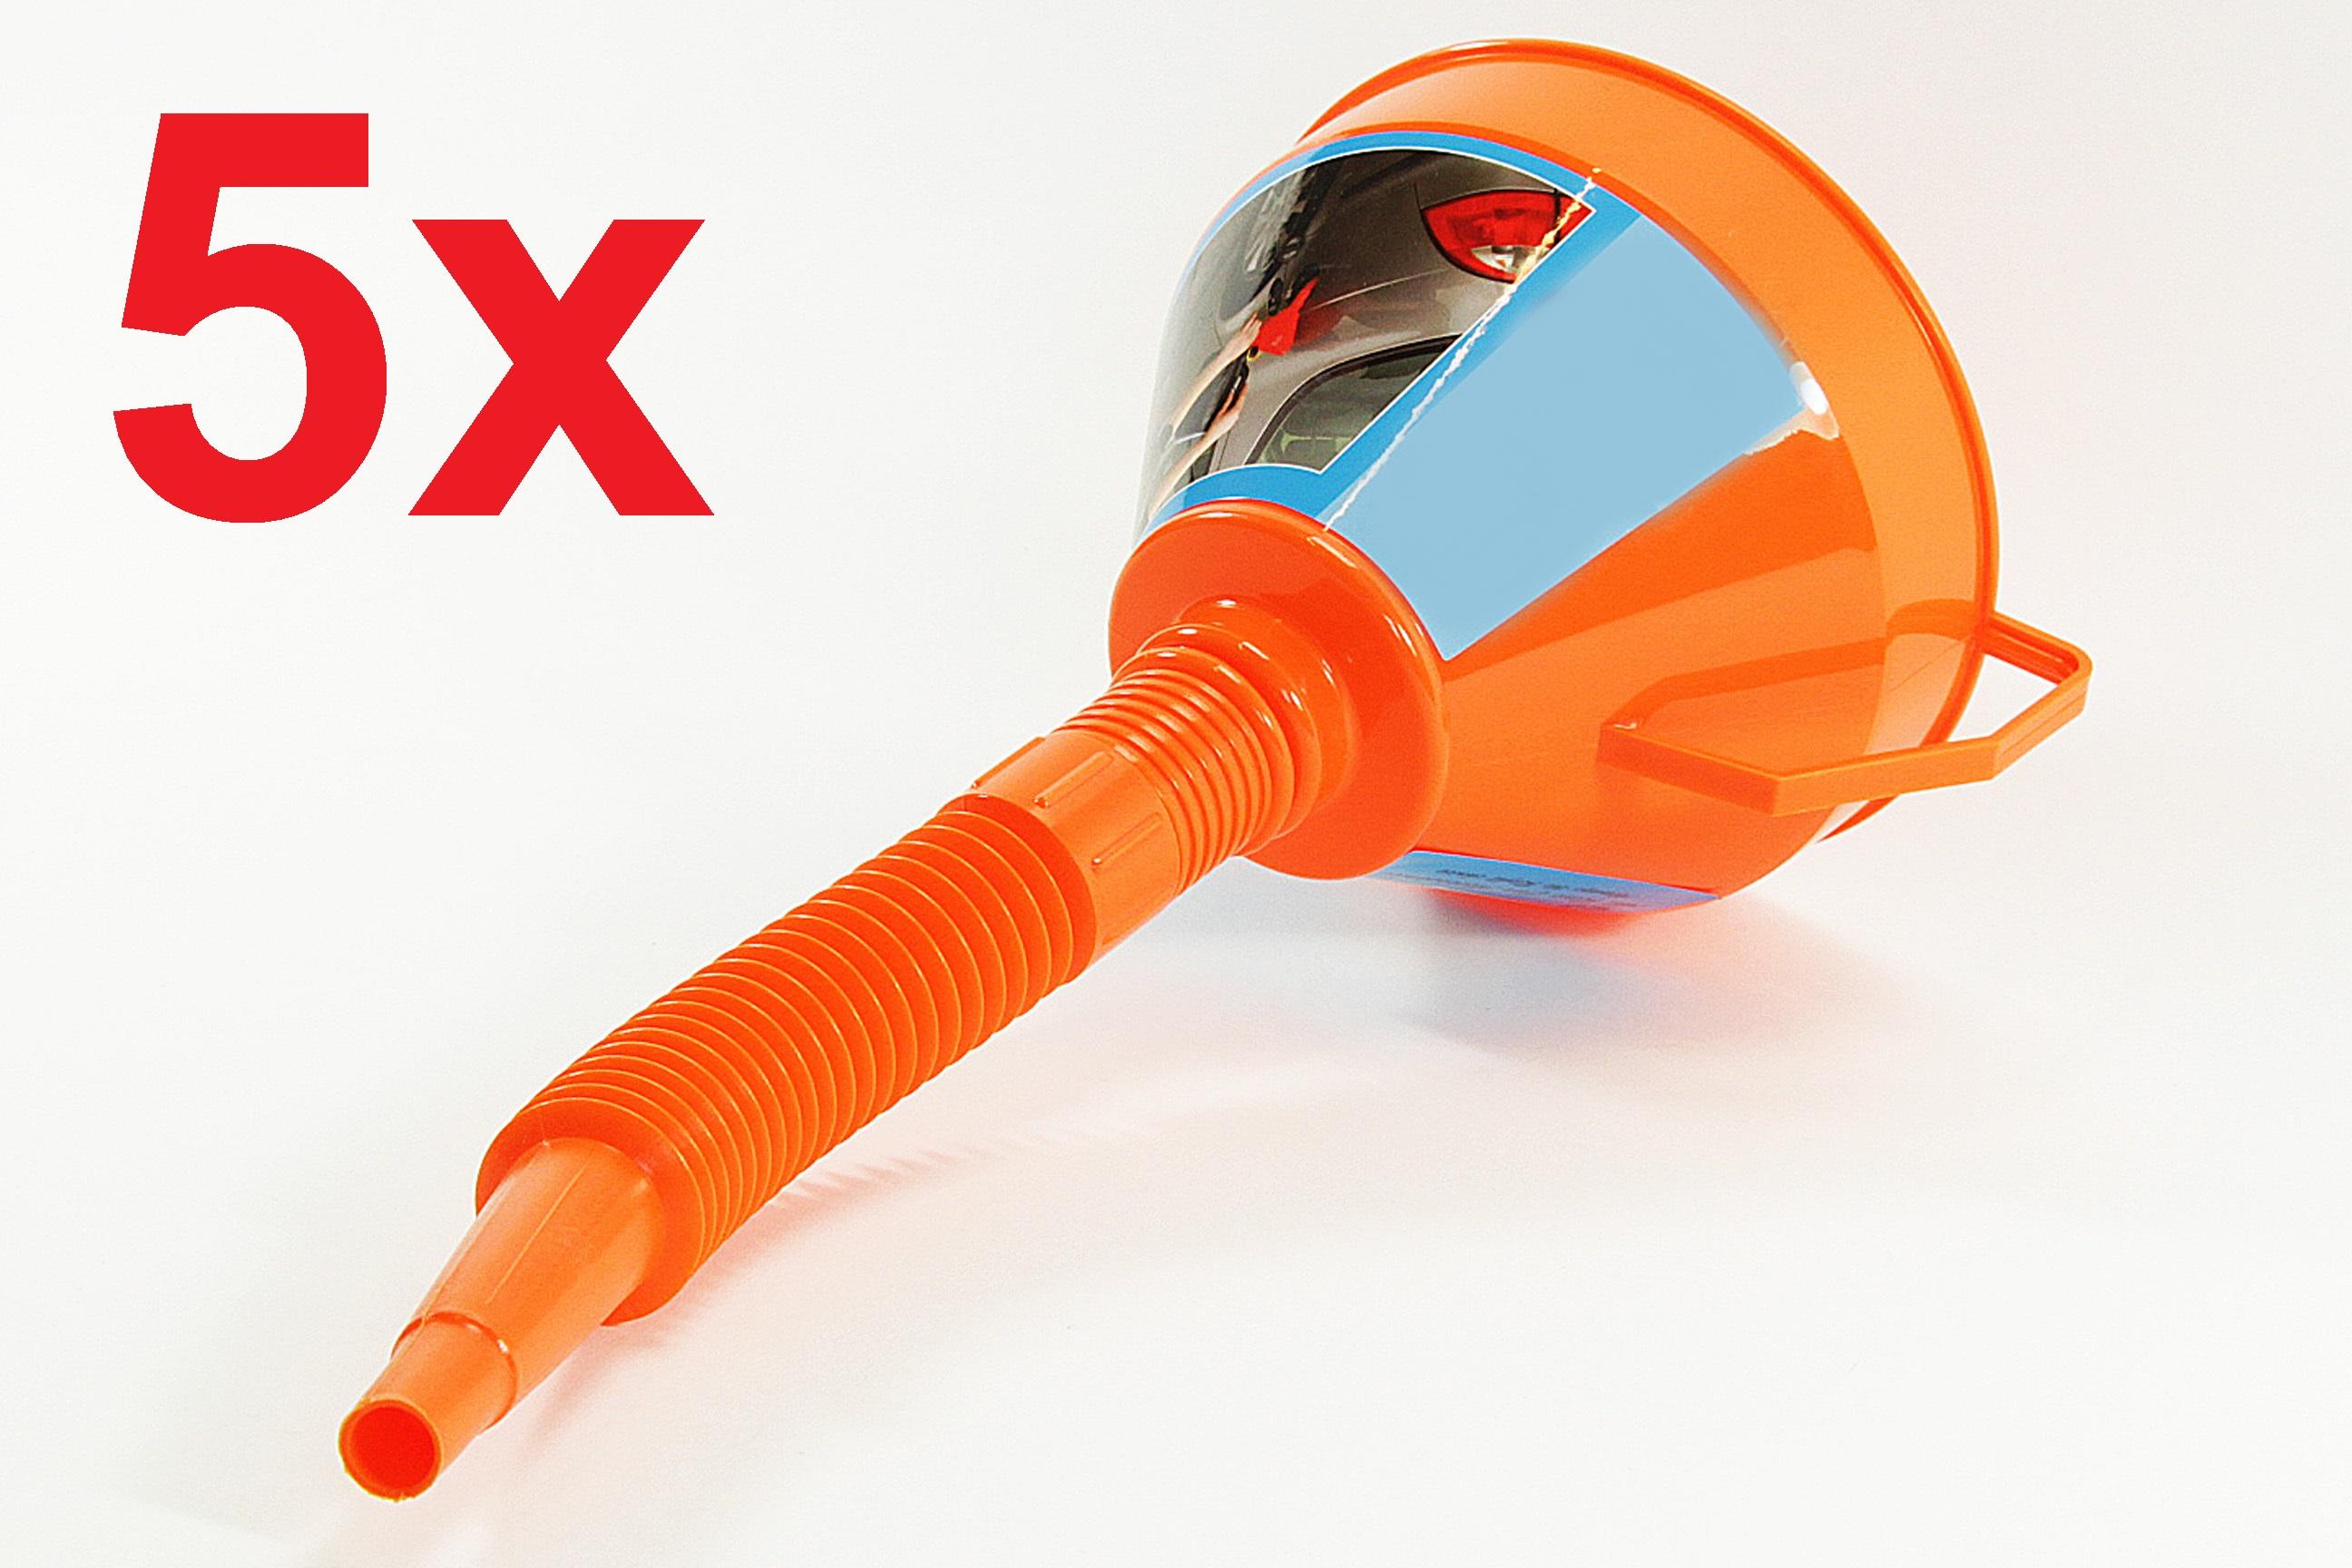 3 x Accendino A Gas XXL Accendino 27 cm lungo ricaricabili NUOVO /& DELLANNATA